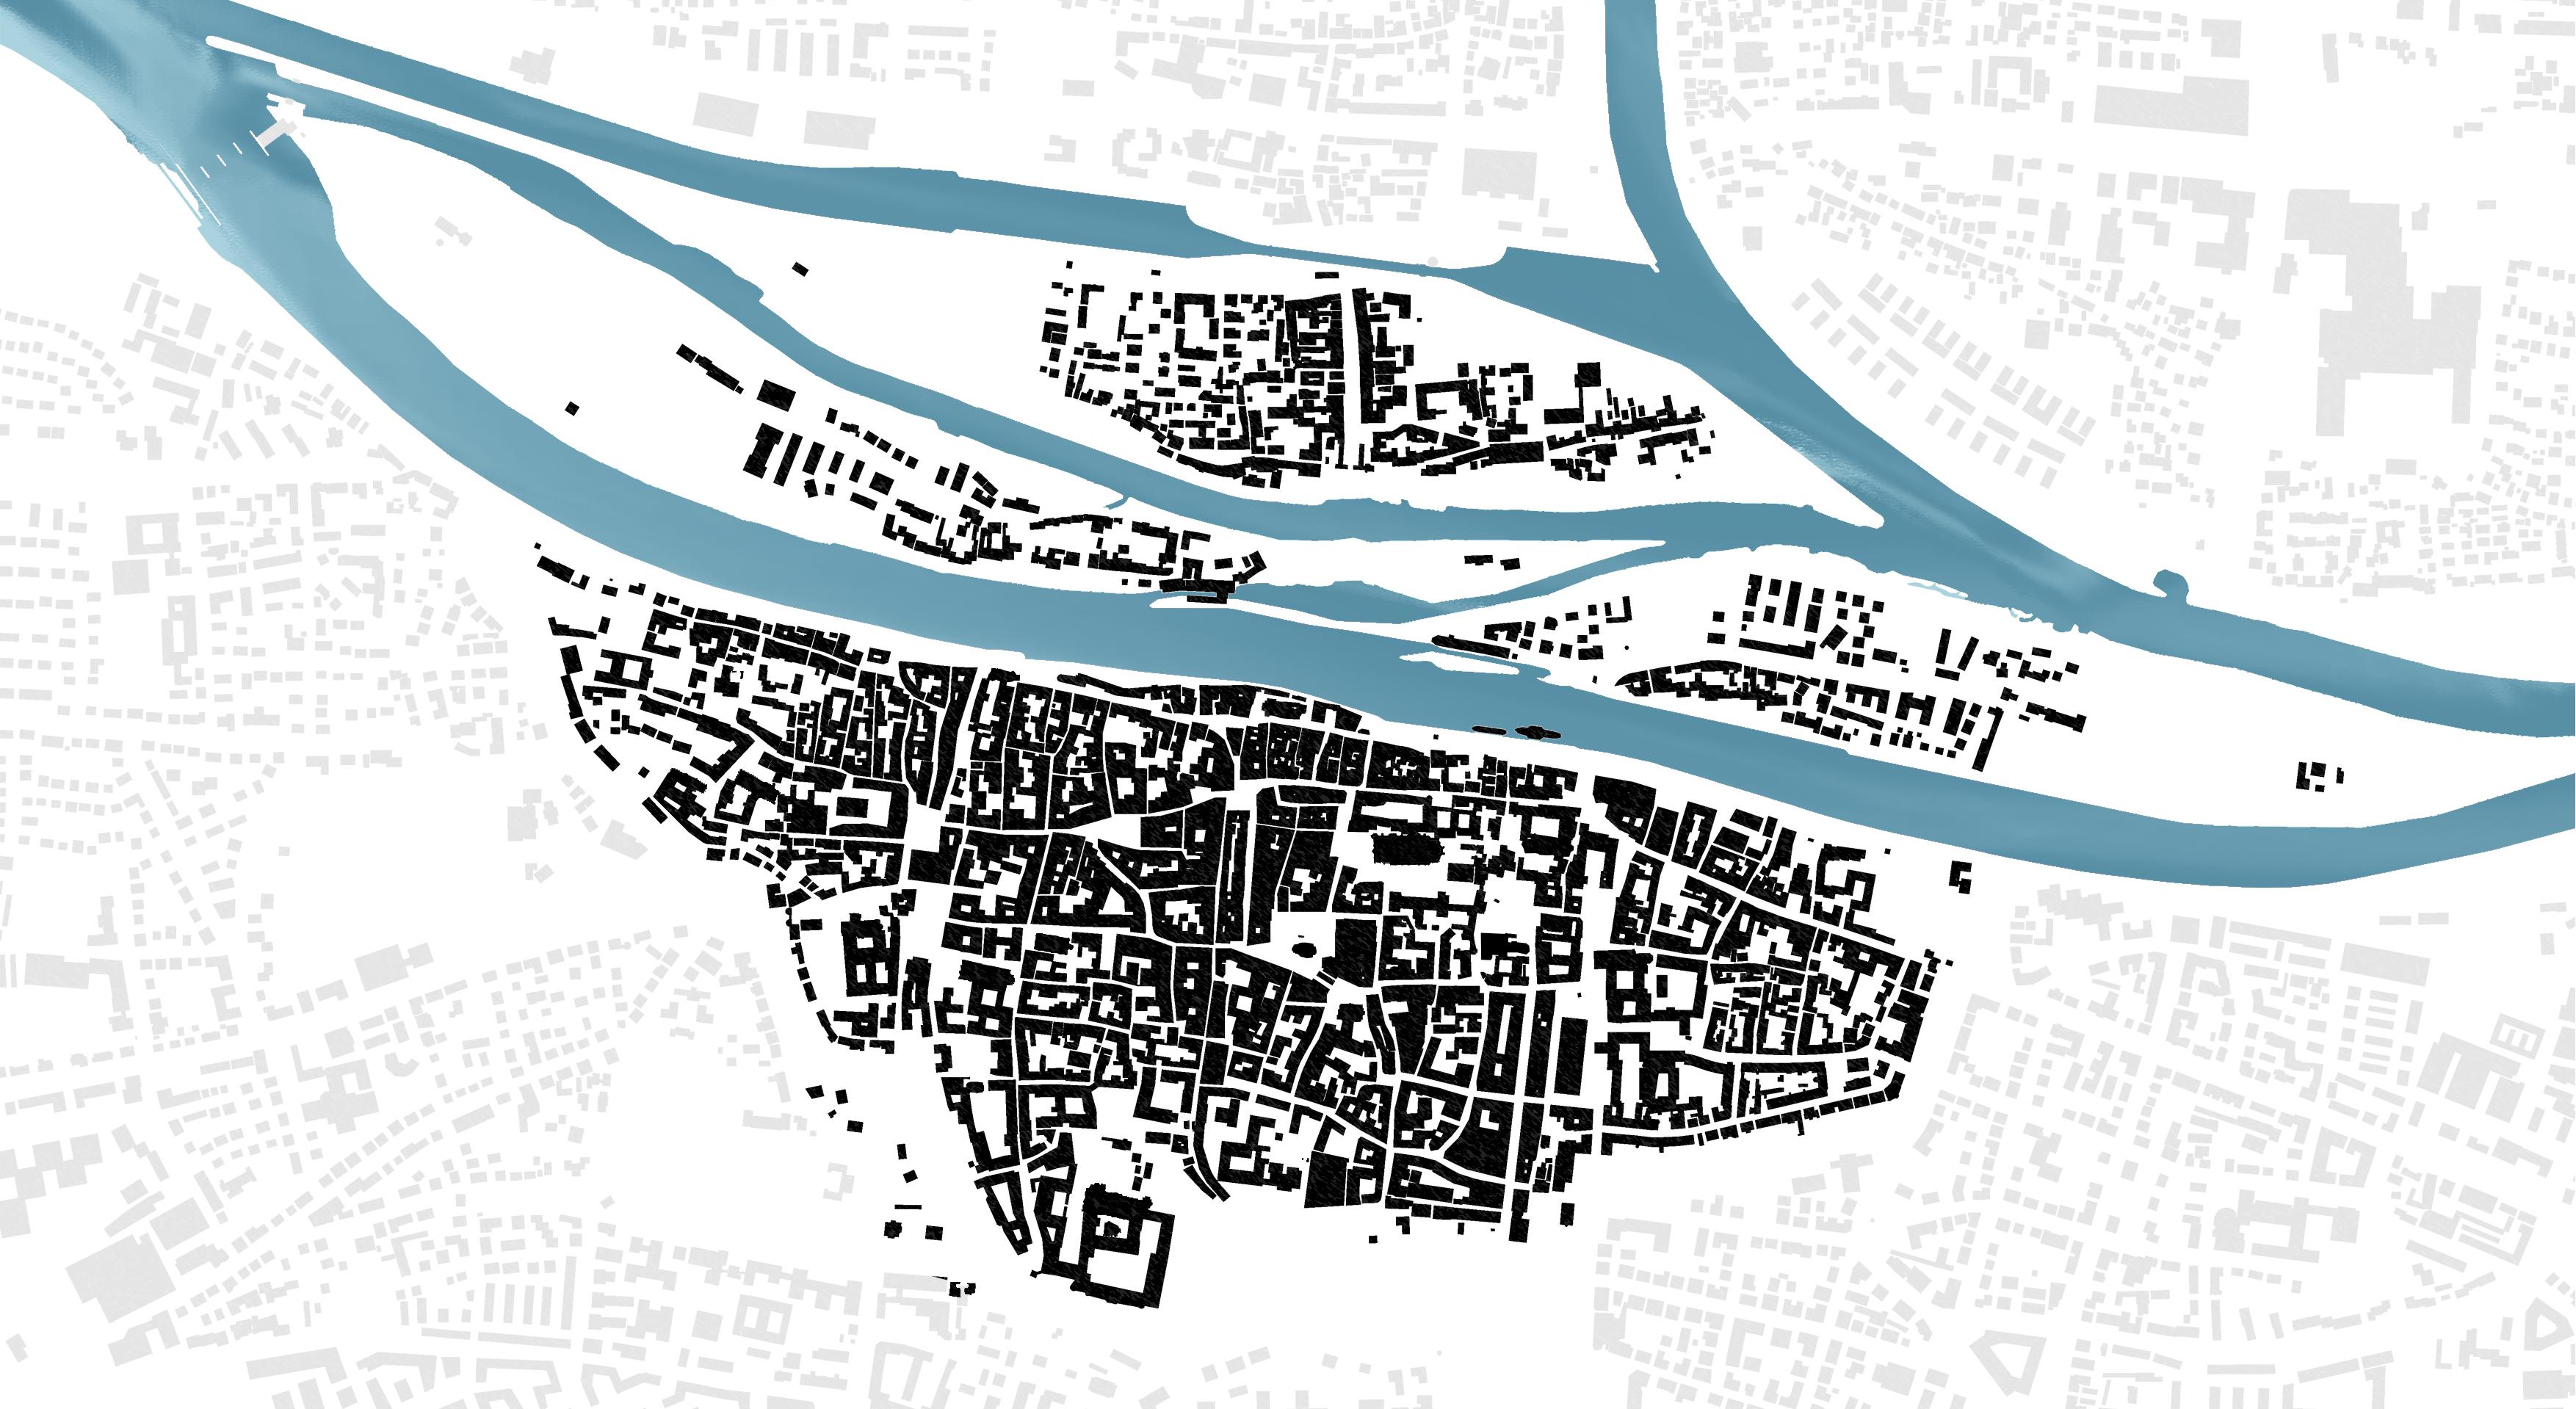 Der Untersuchungsraum Regensburger Altstadt als Schwarzplan